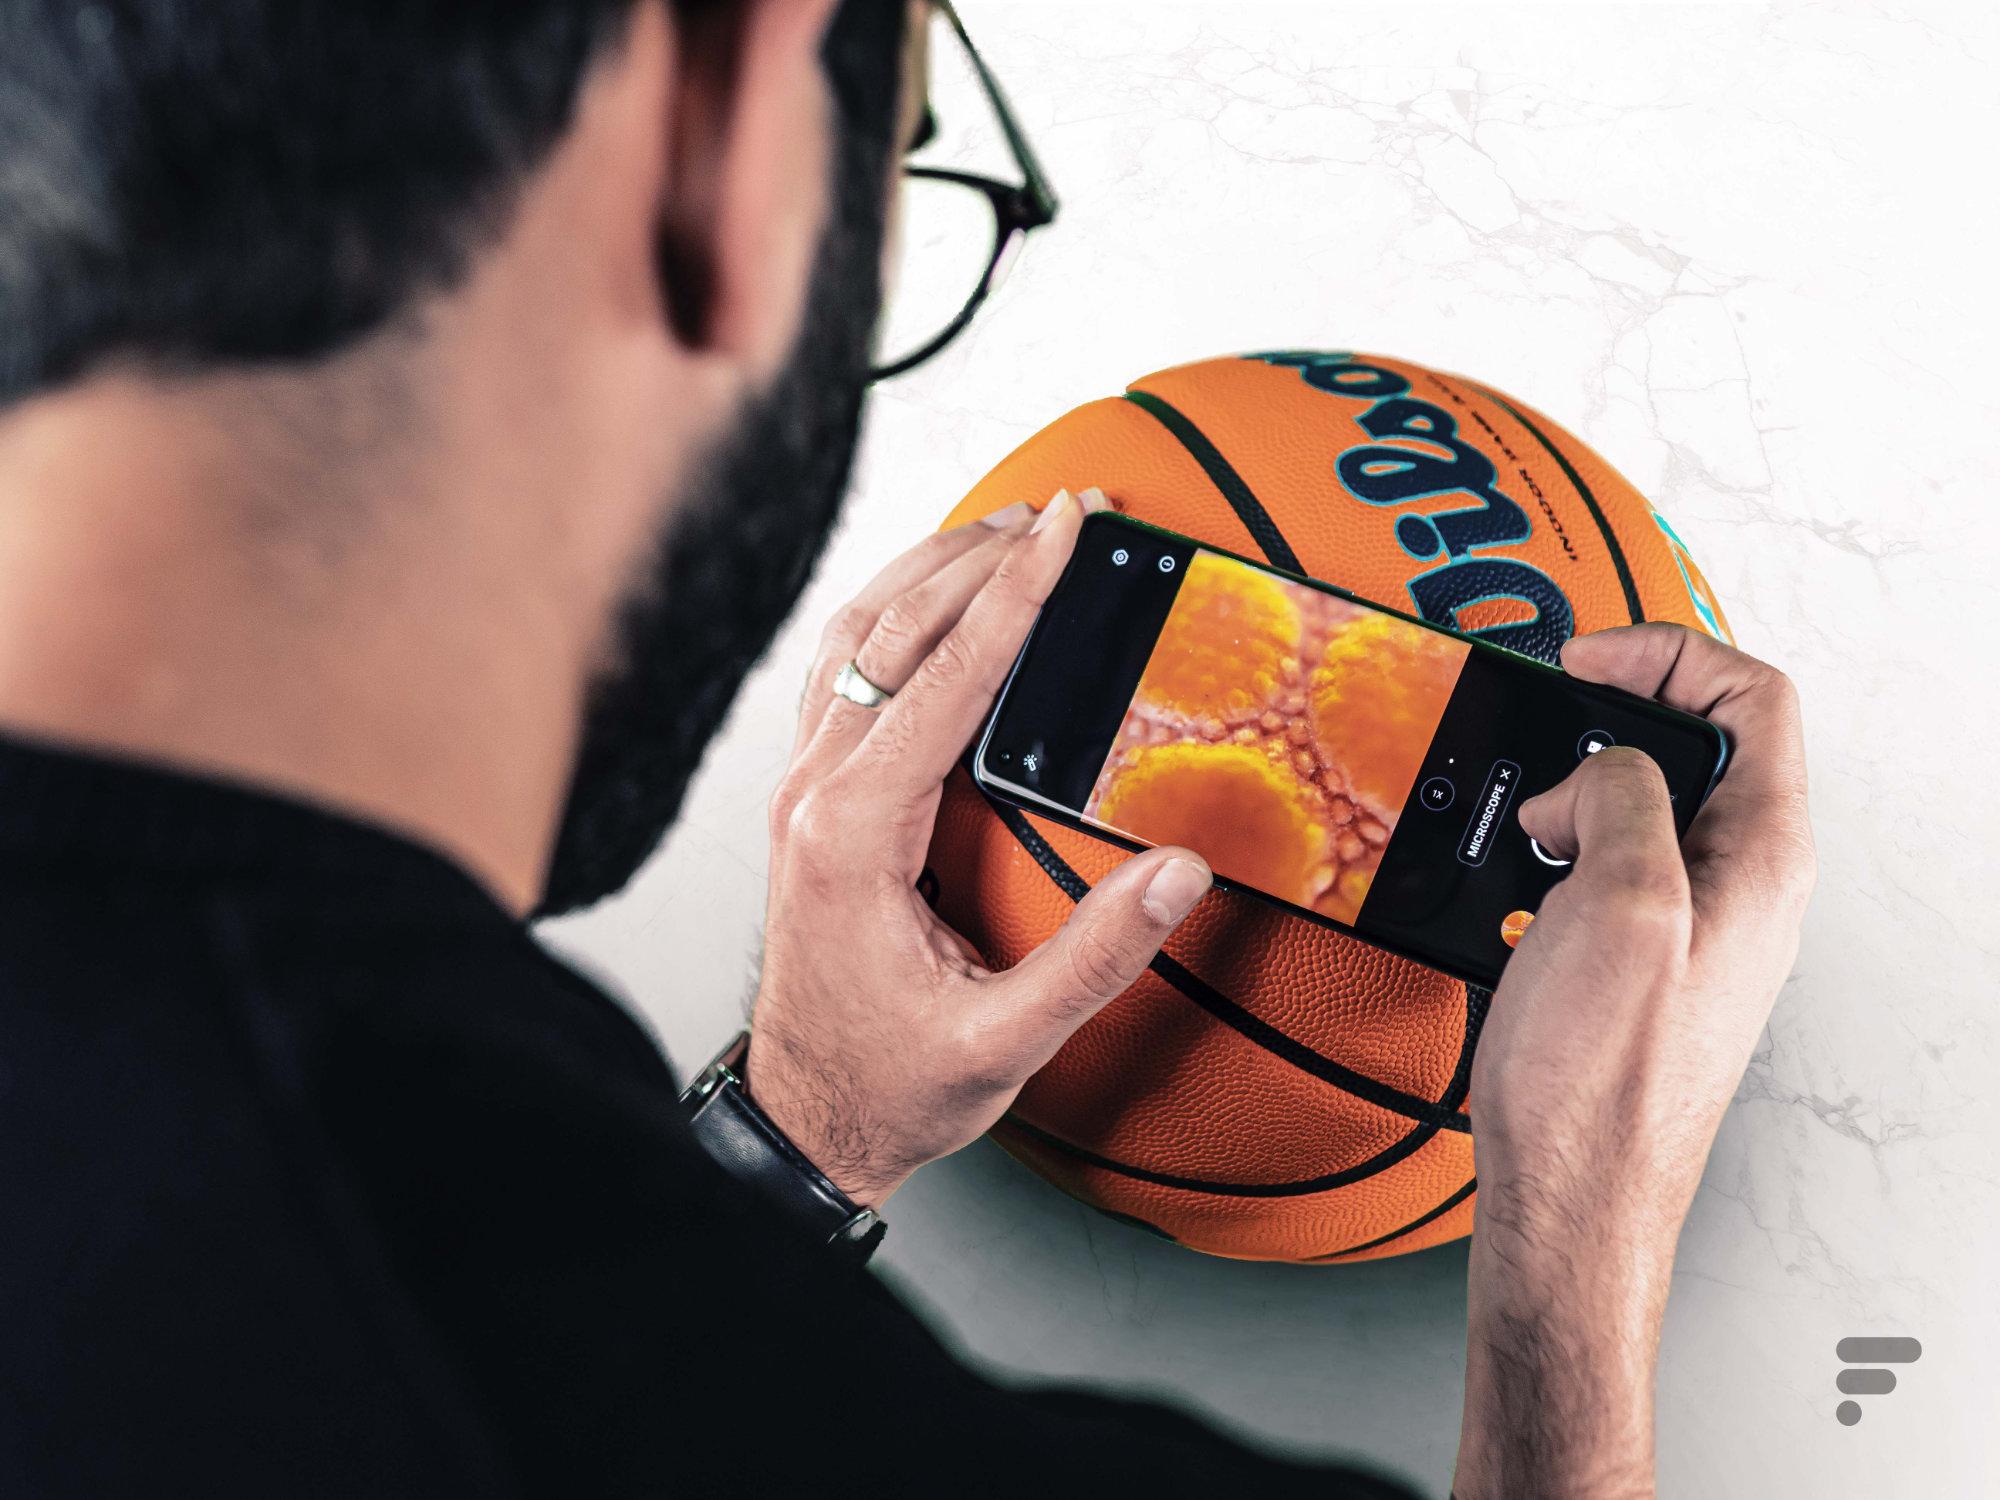 Un microscope sur un smartphone, est-ce bien nécessaire ? - Frandroid